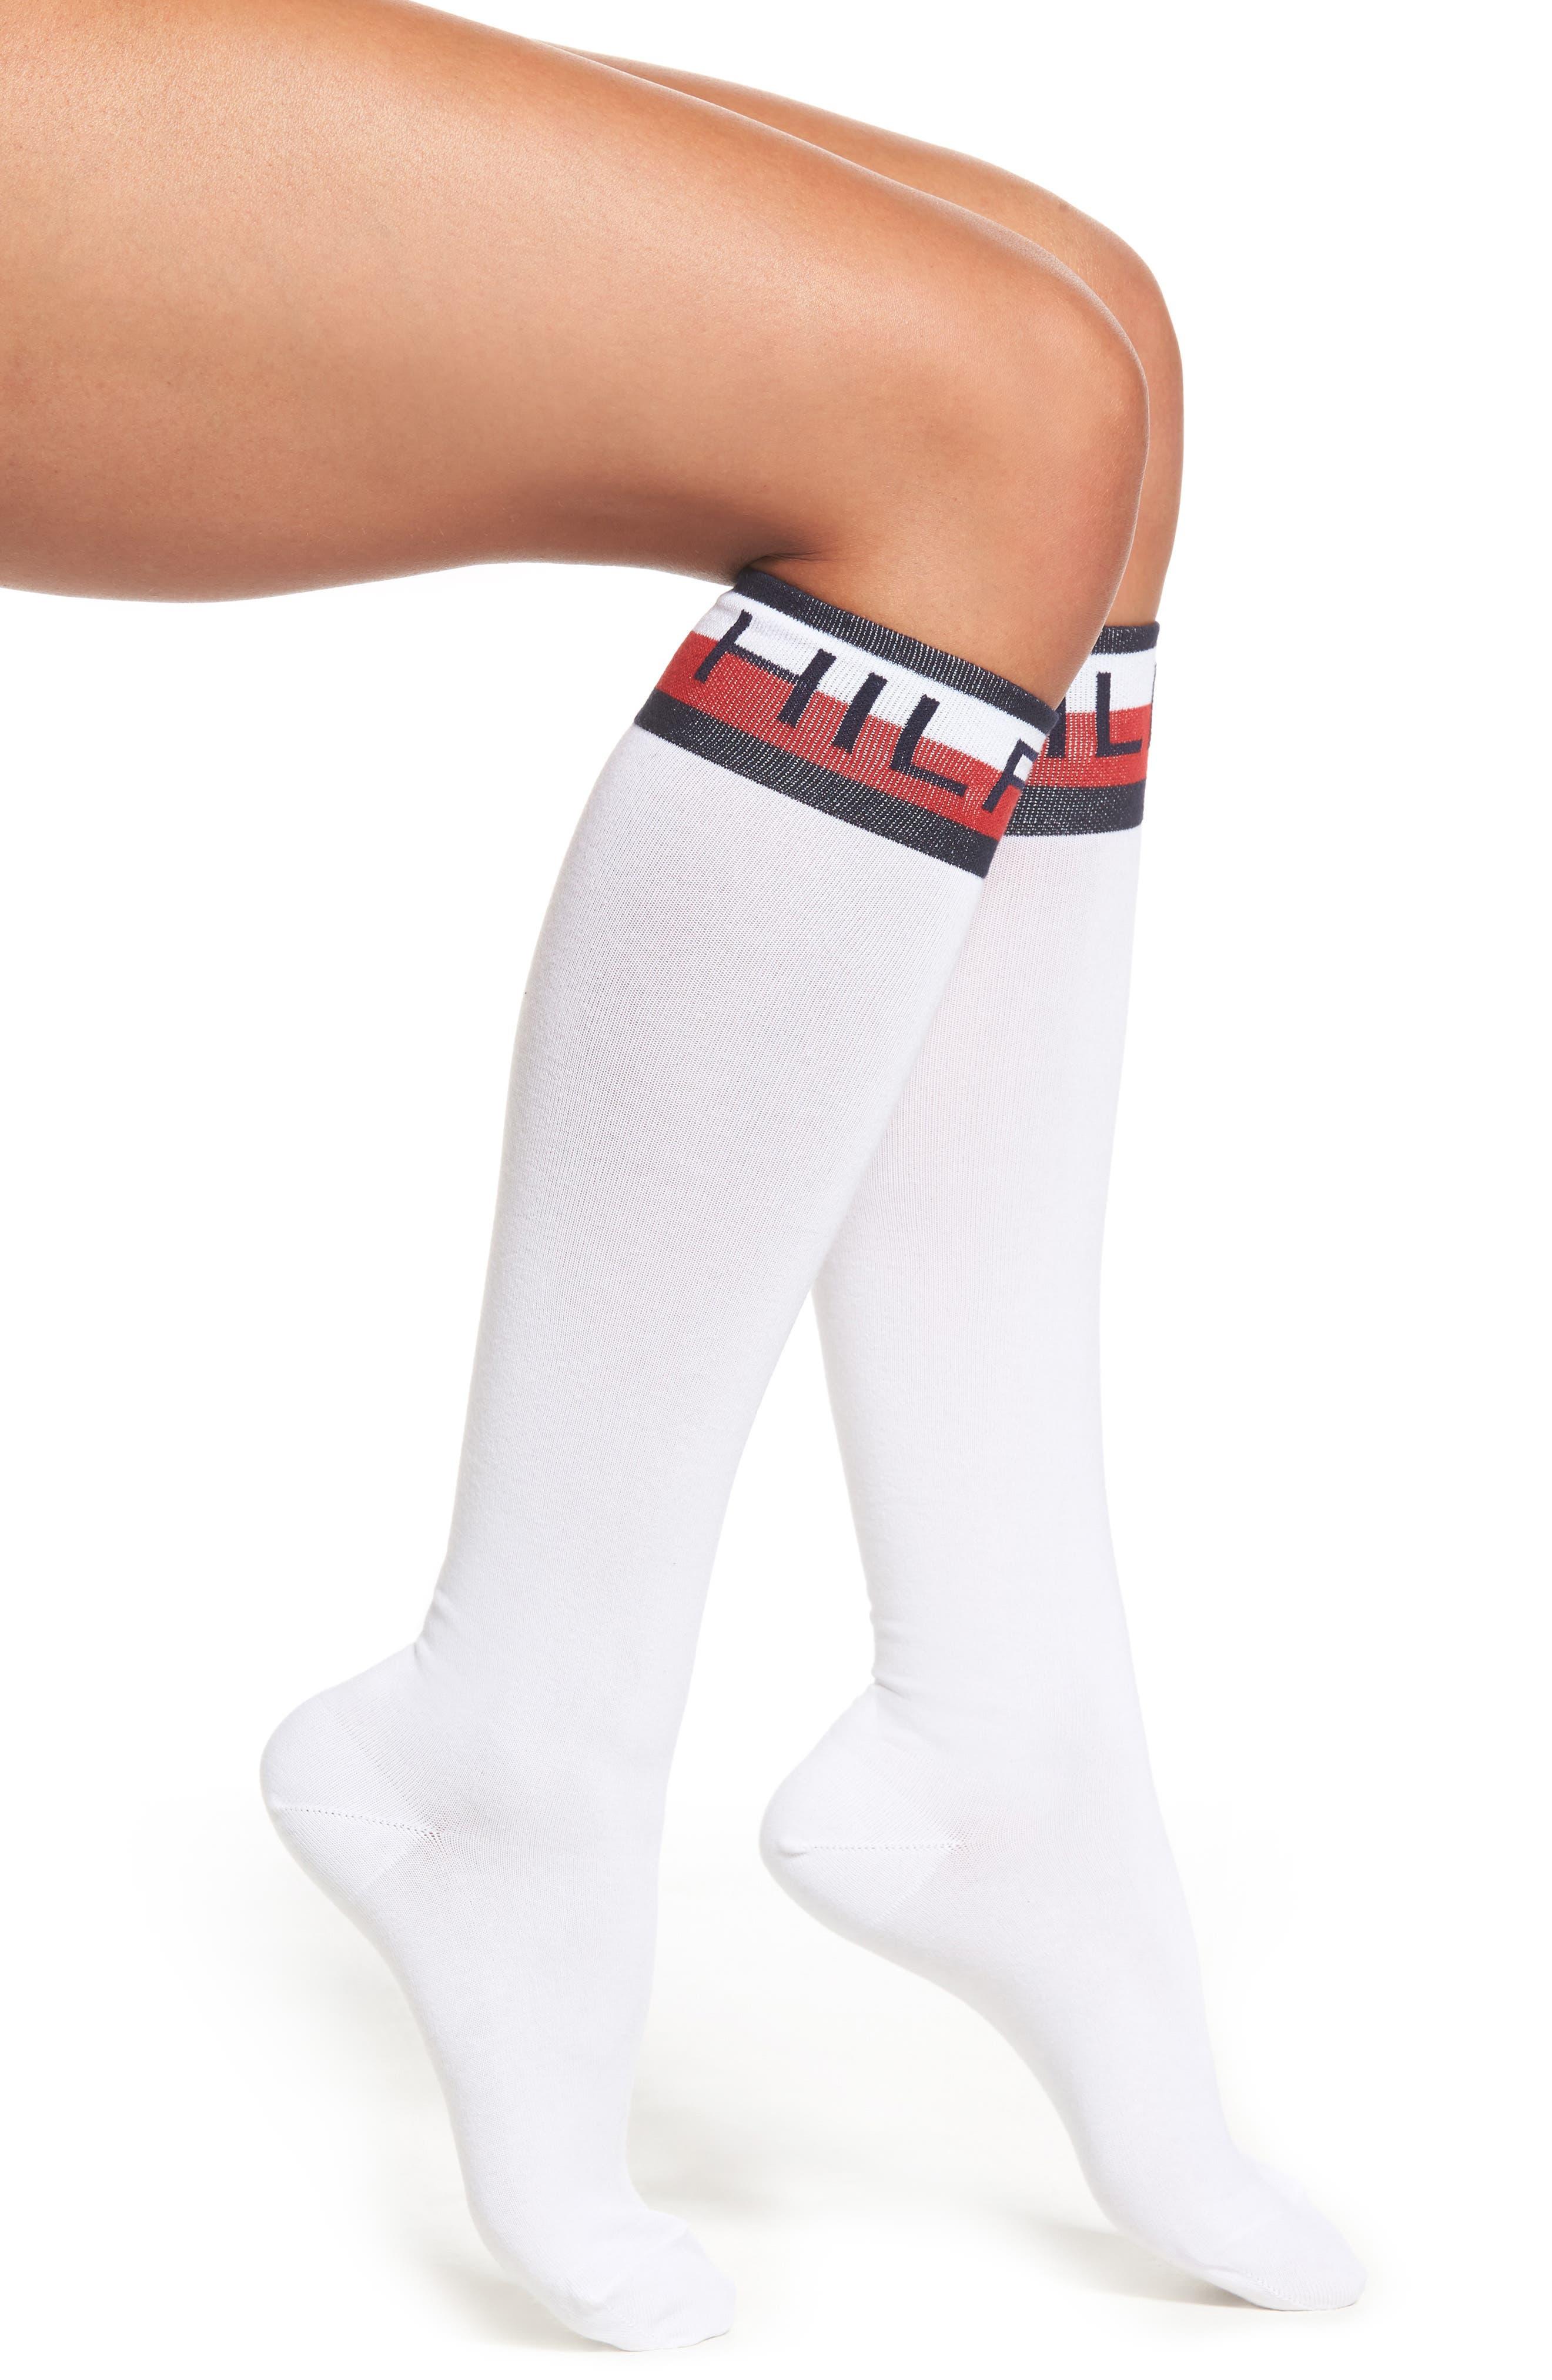 Main Image - Tommy Hilfiger Logo Knee High Socks